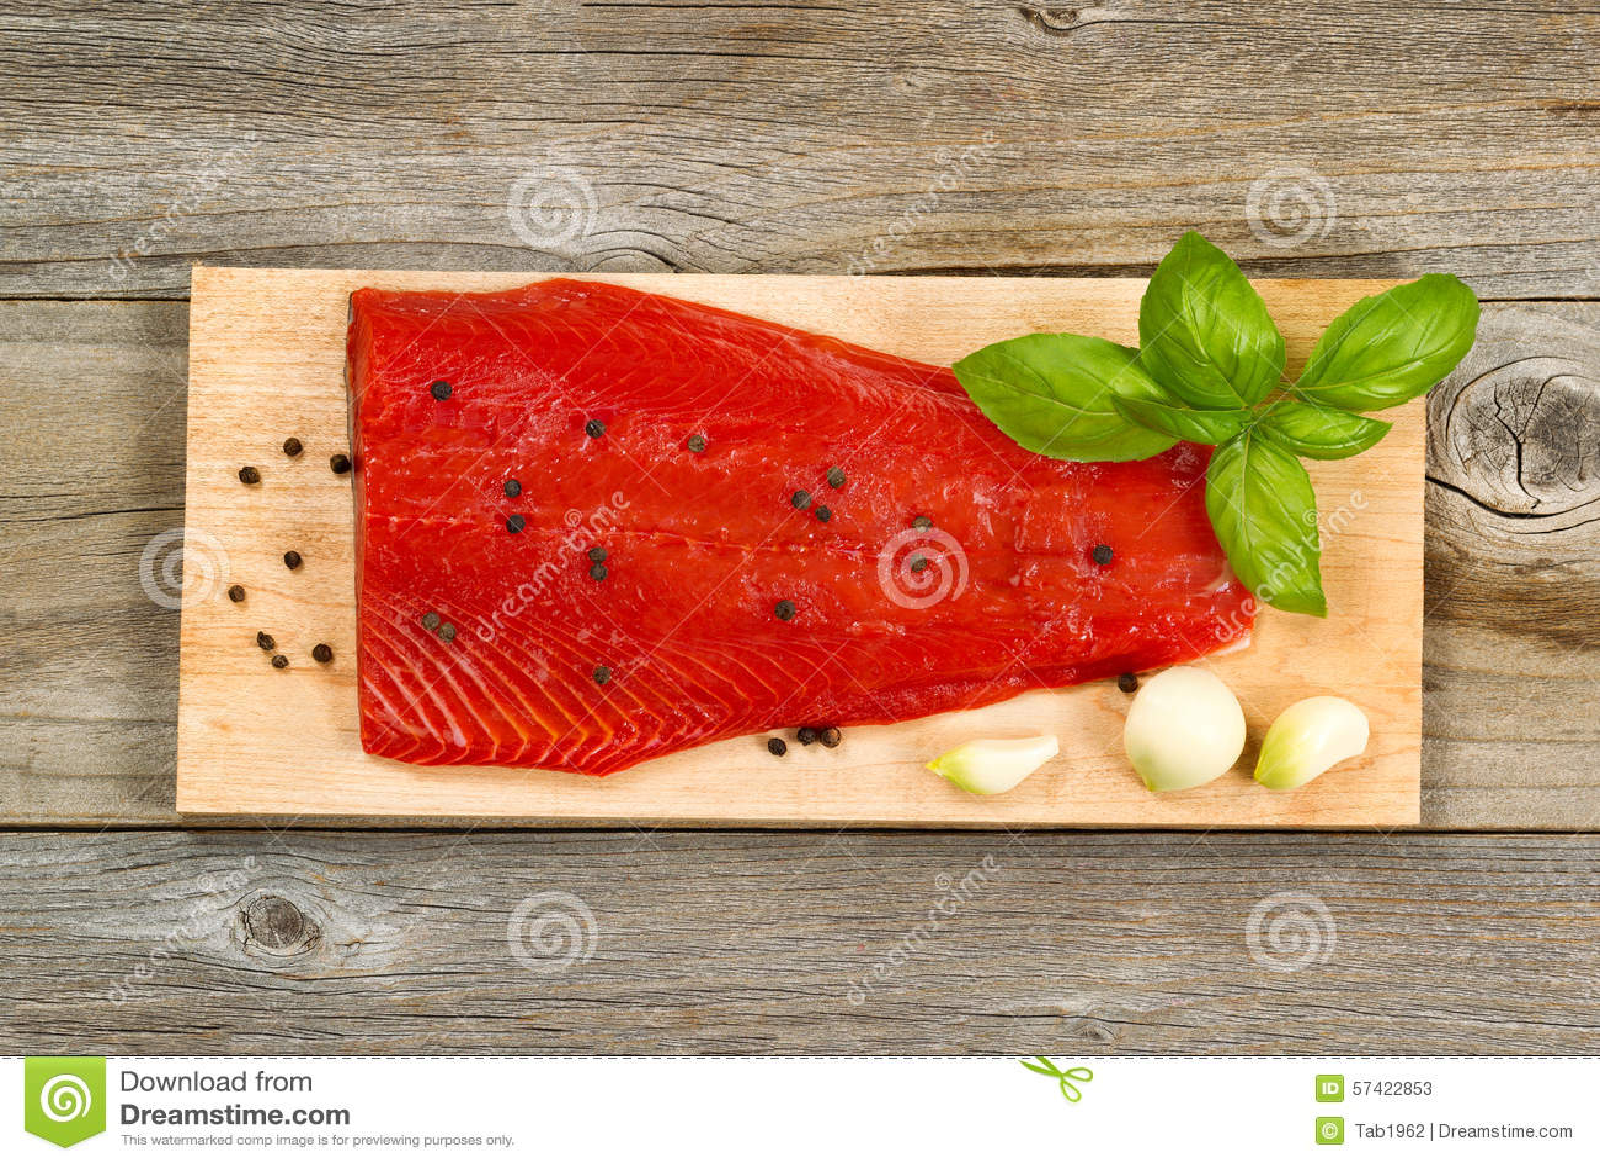 Raccordo Fresco Del Salmone Rosso Su Cedro Che Cucina Plancia Con Le ...